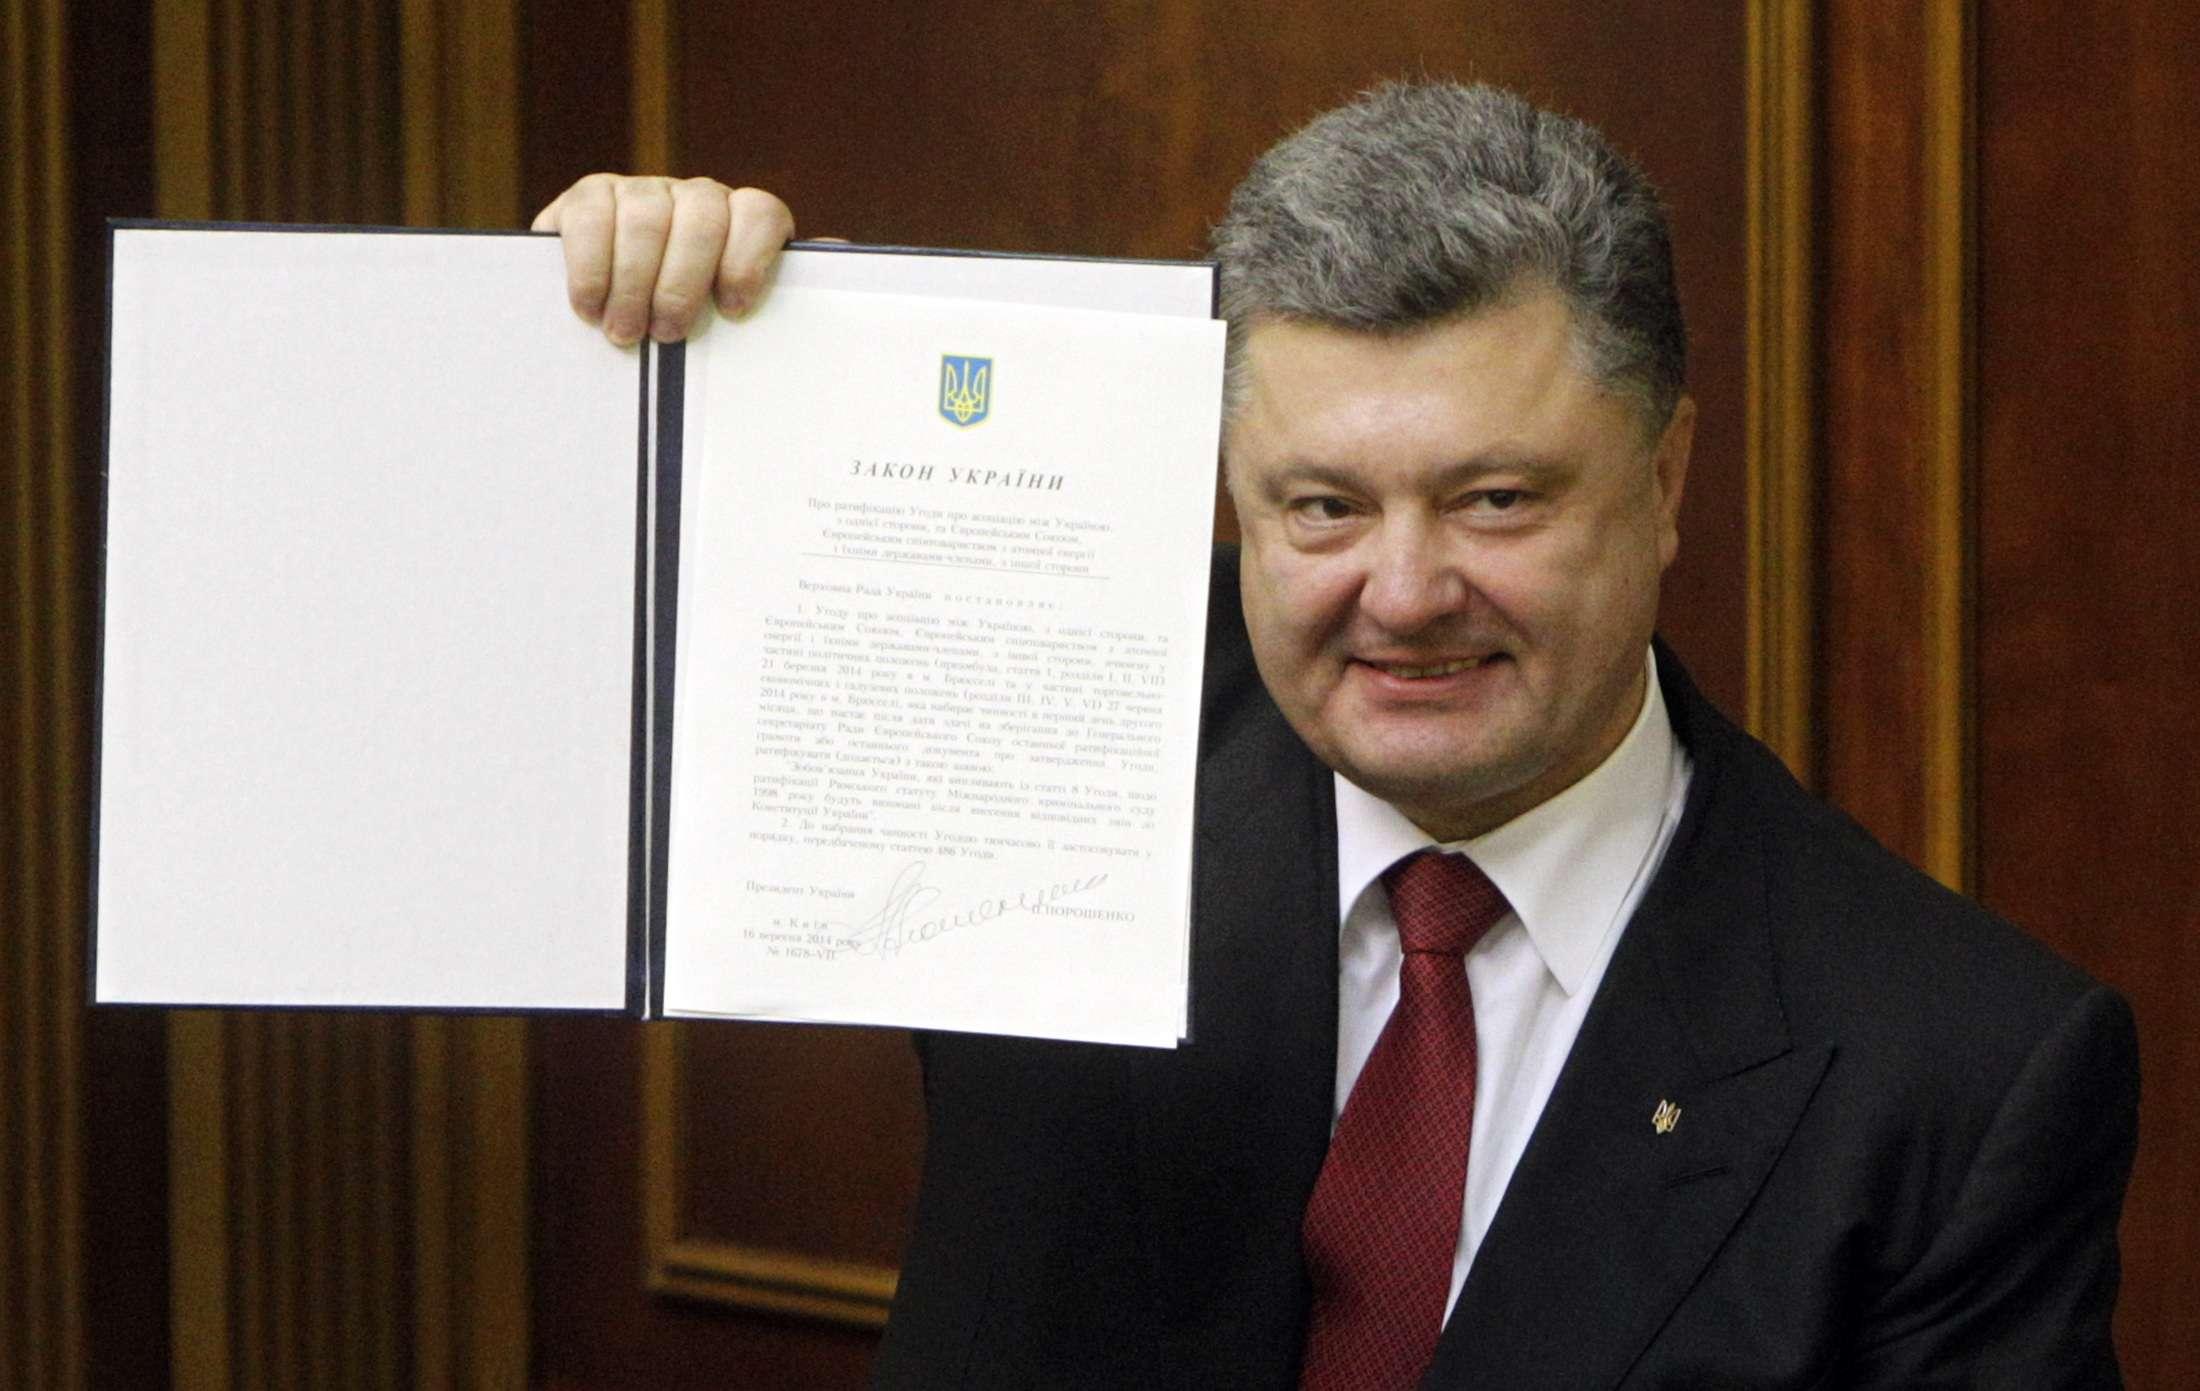 Poroshenko mostra documento de acordo da Ucrânia com a União Europeia Foto: Valentyn Ogirenko/Reuters